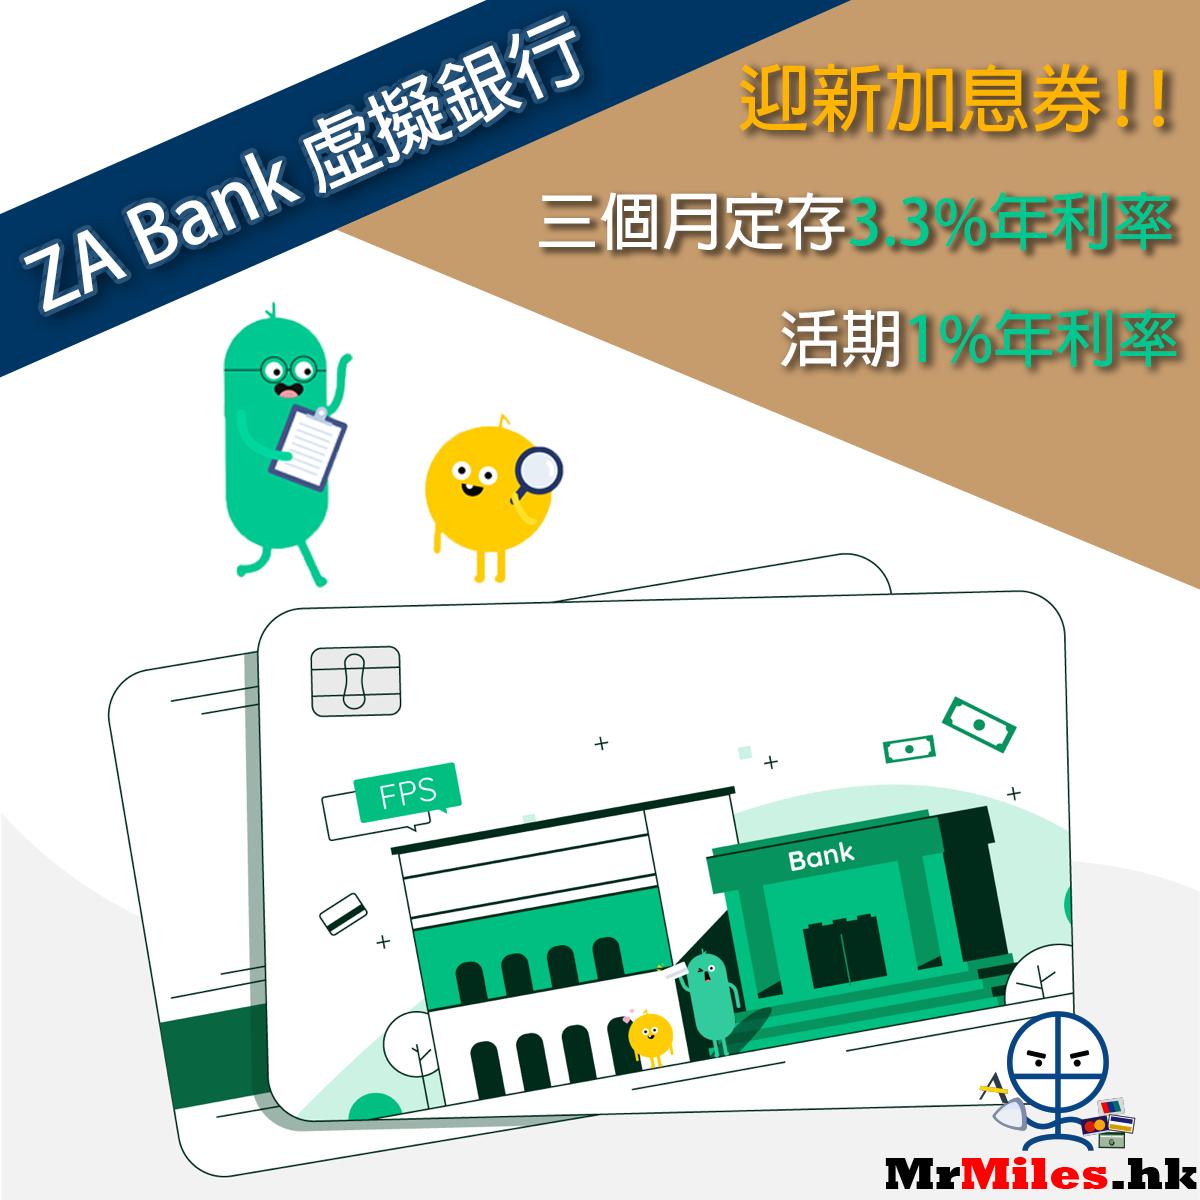 za bank開戶 定存利息